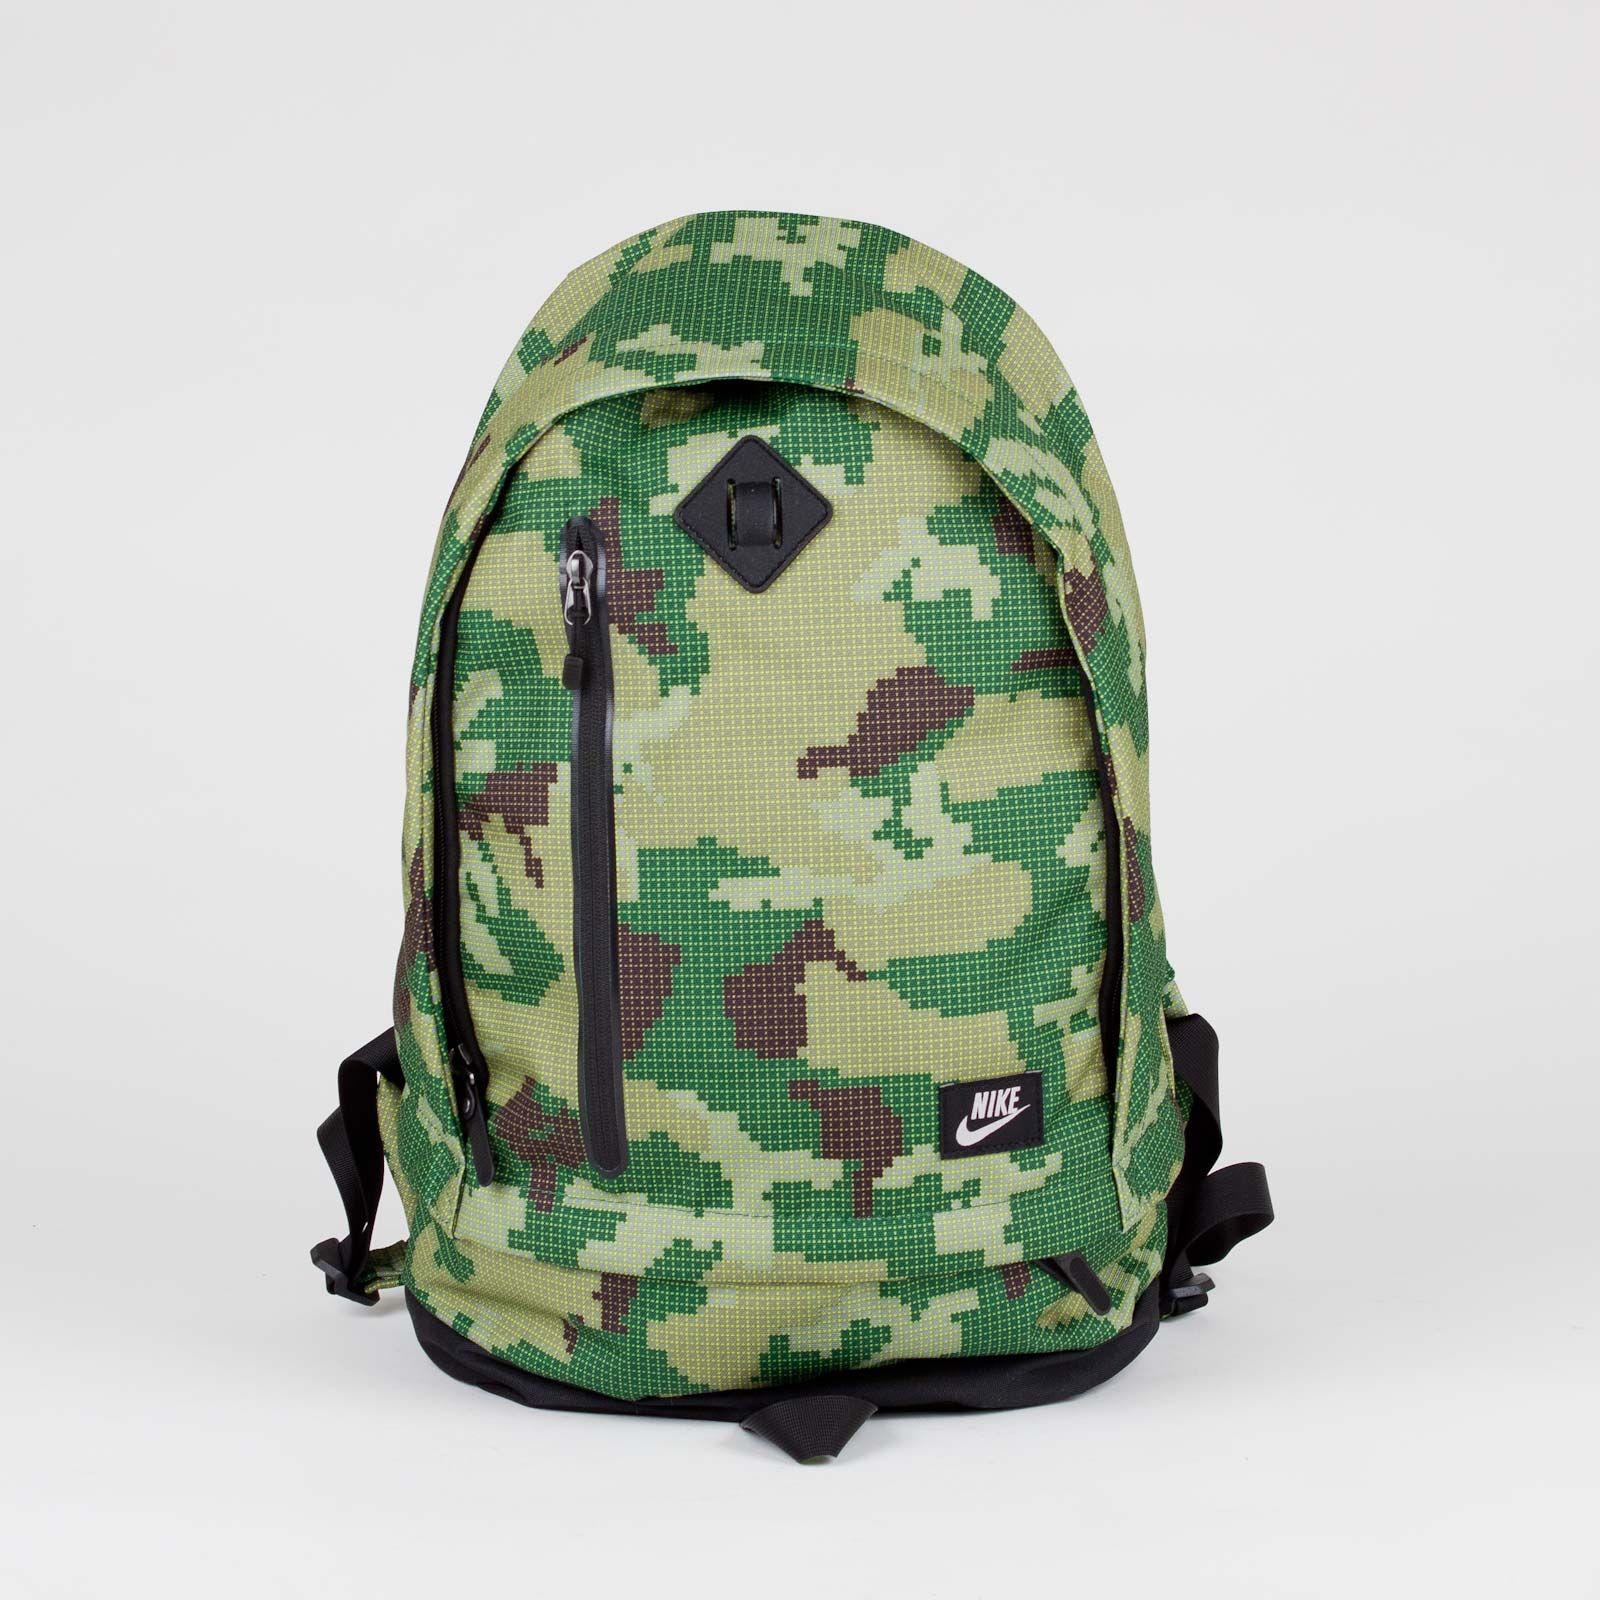 okay but it's camo tho Nike Cheyenne 2000 Classic Backpack